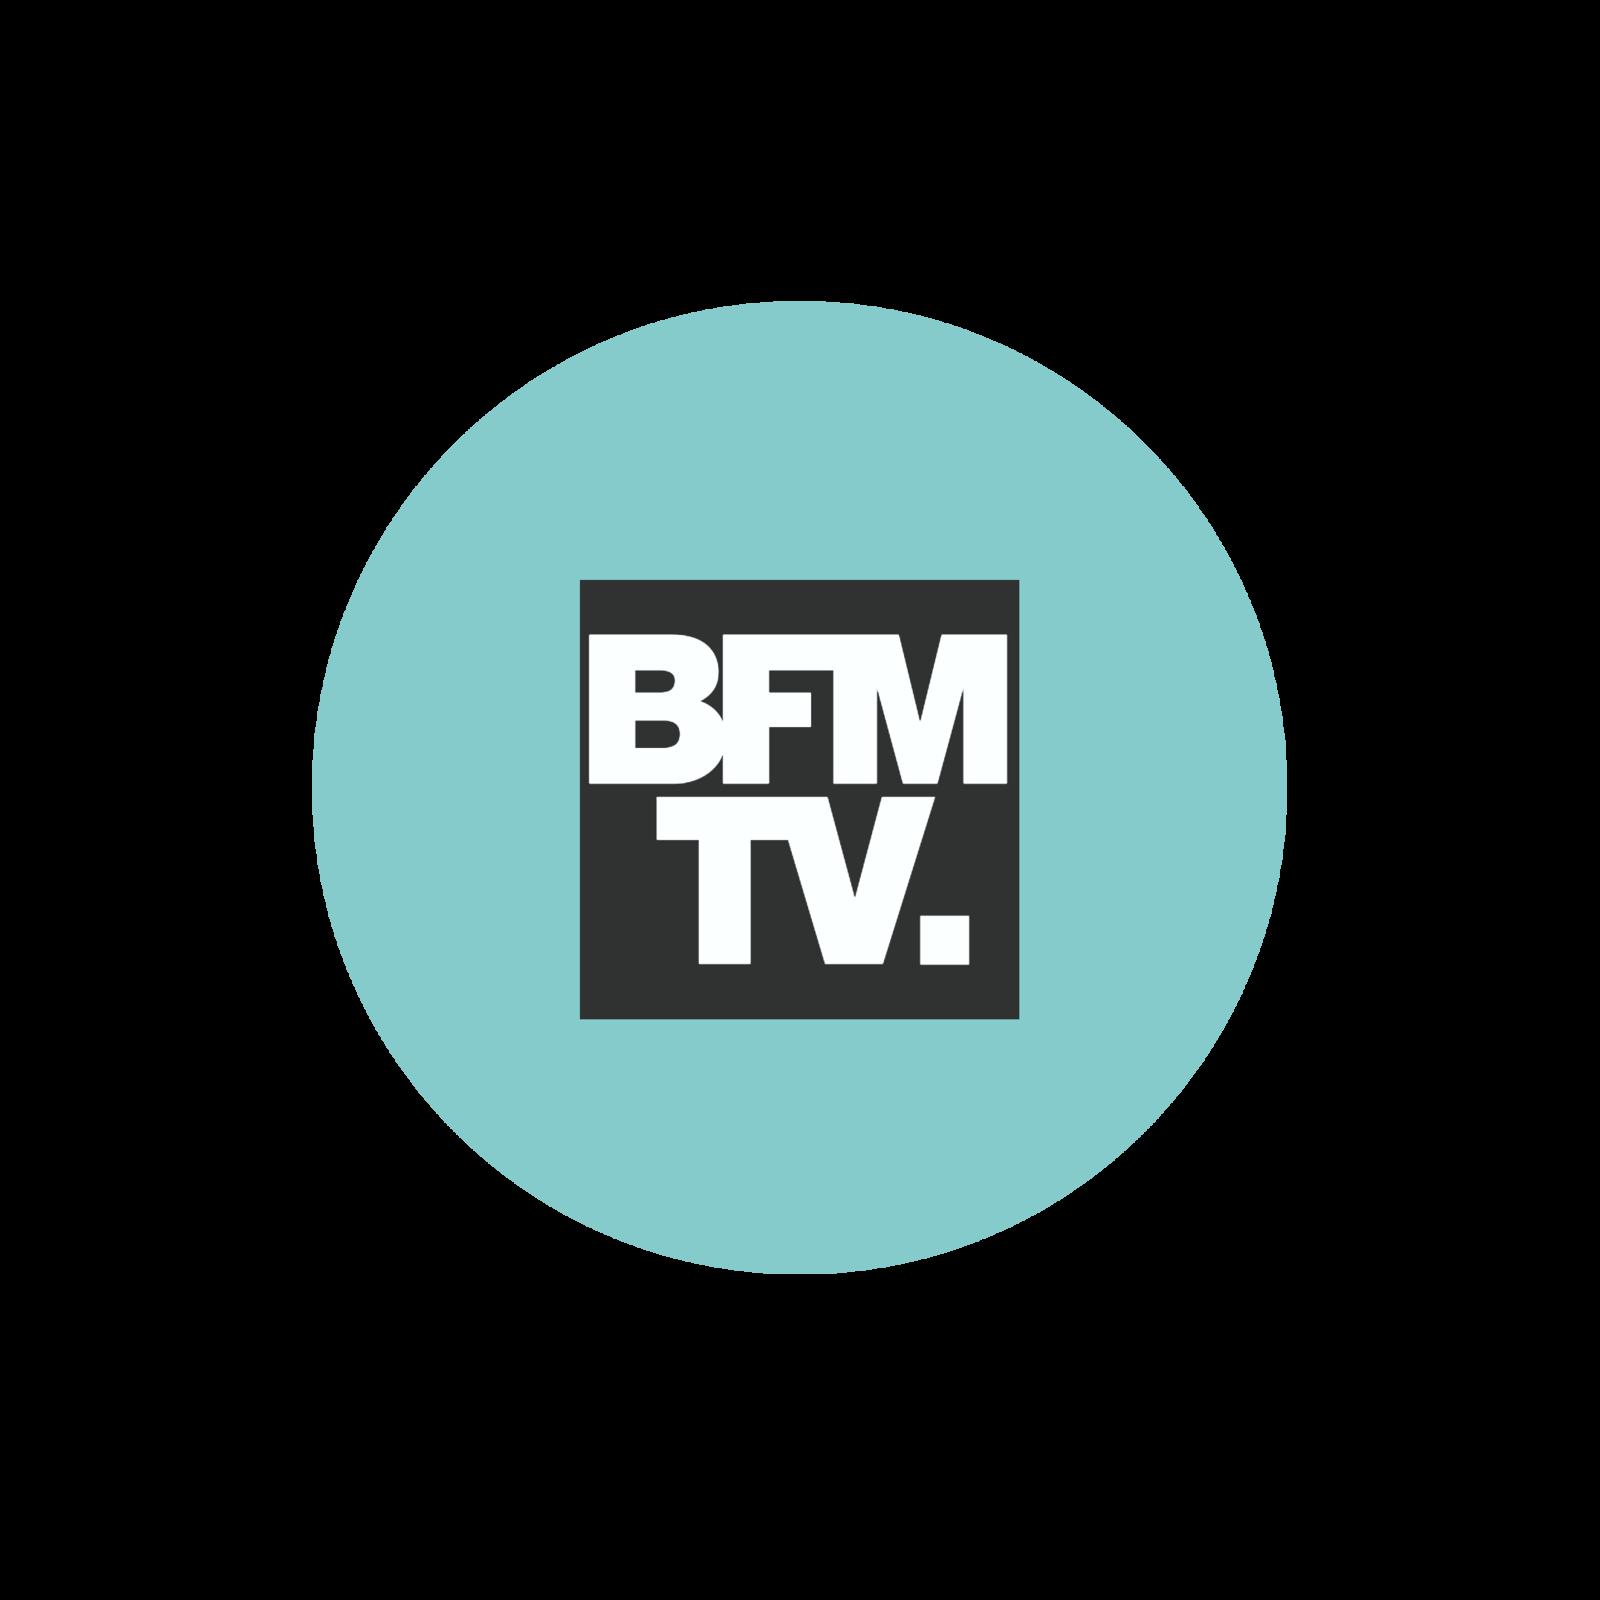 Le spectacle du 31 décembre  aux Champs-Elysées de nouveau diffusé en direct sur BFMTV et BFM Paris.